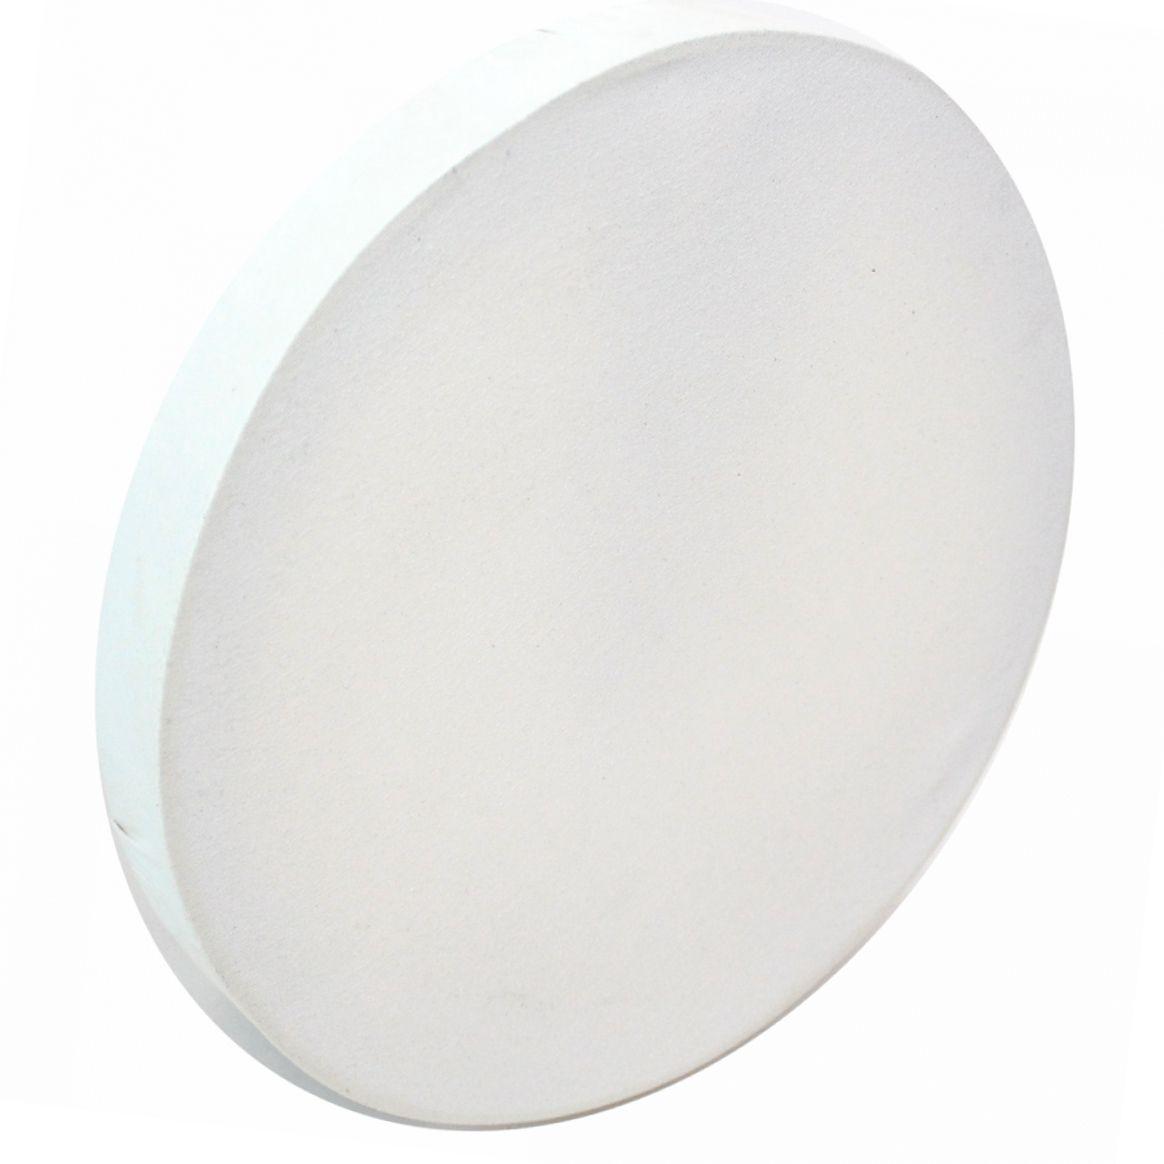 Tela redonda para pintura 60cm - São Francisco